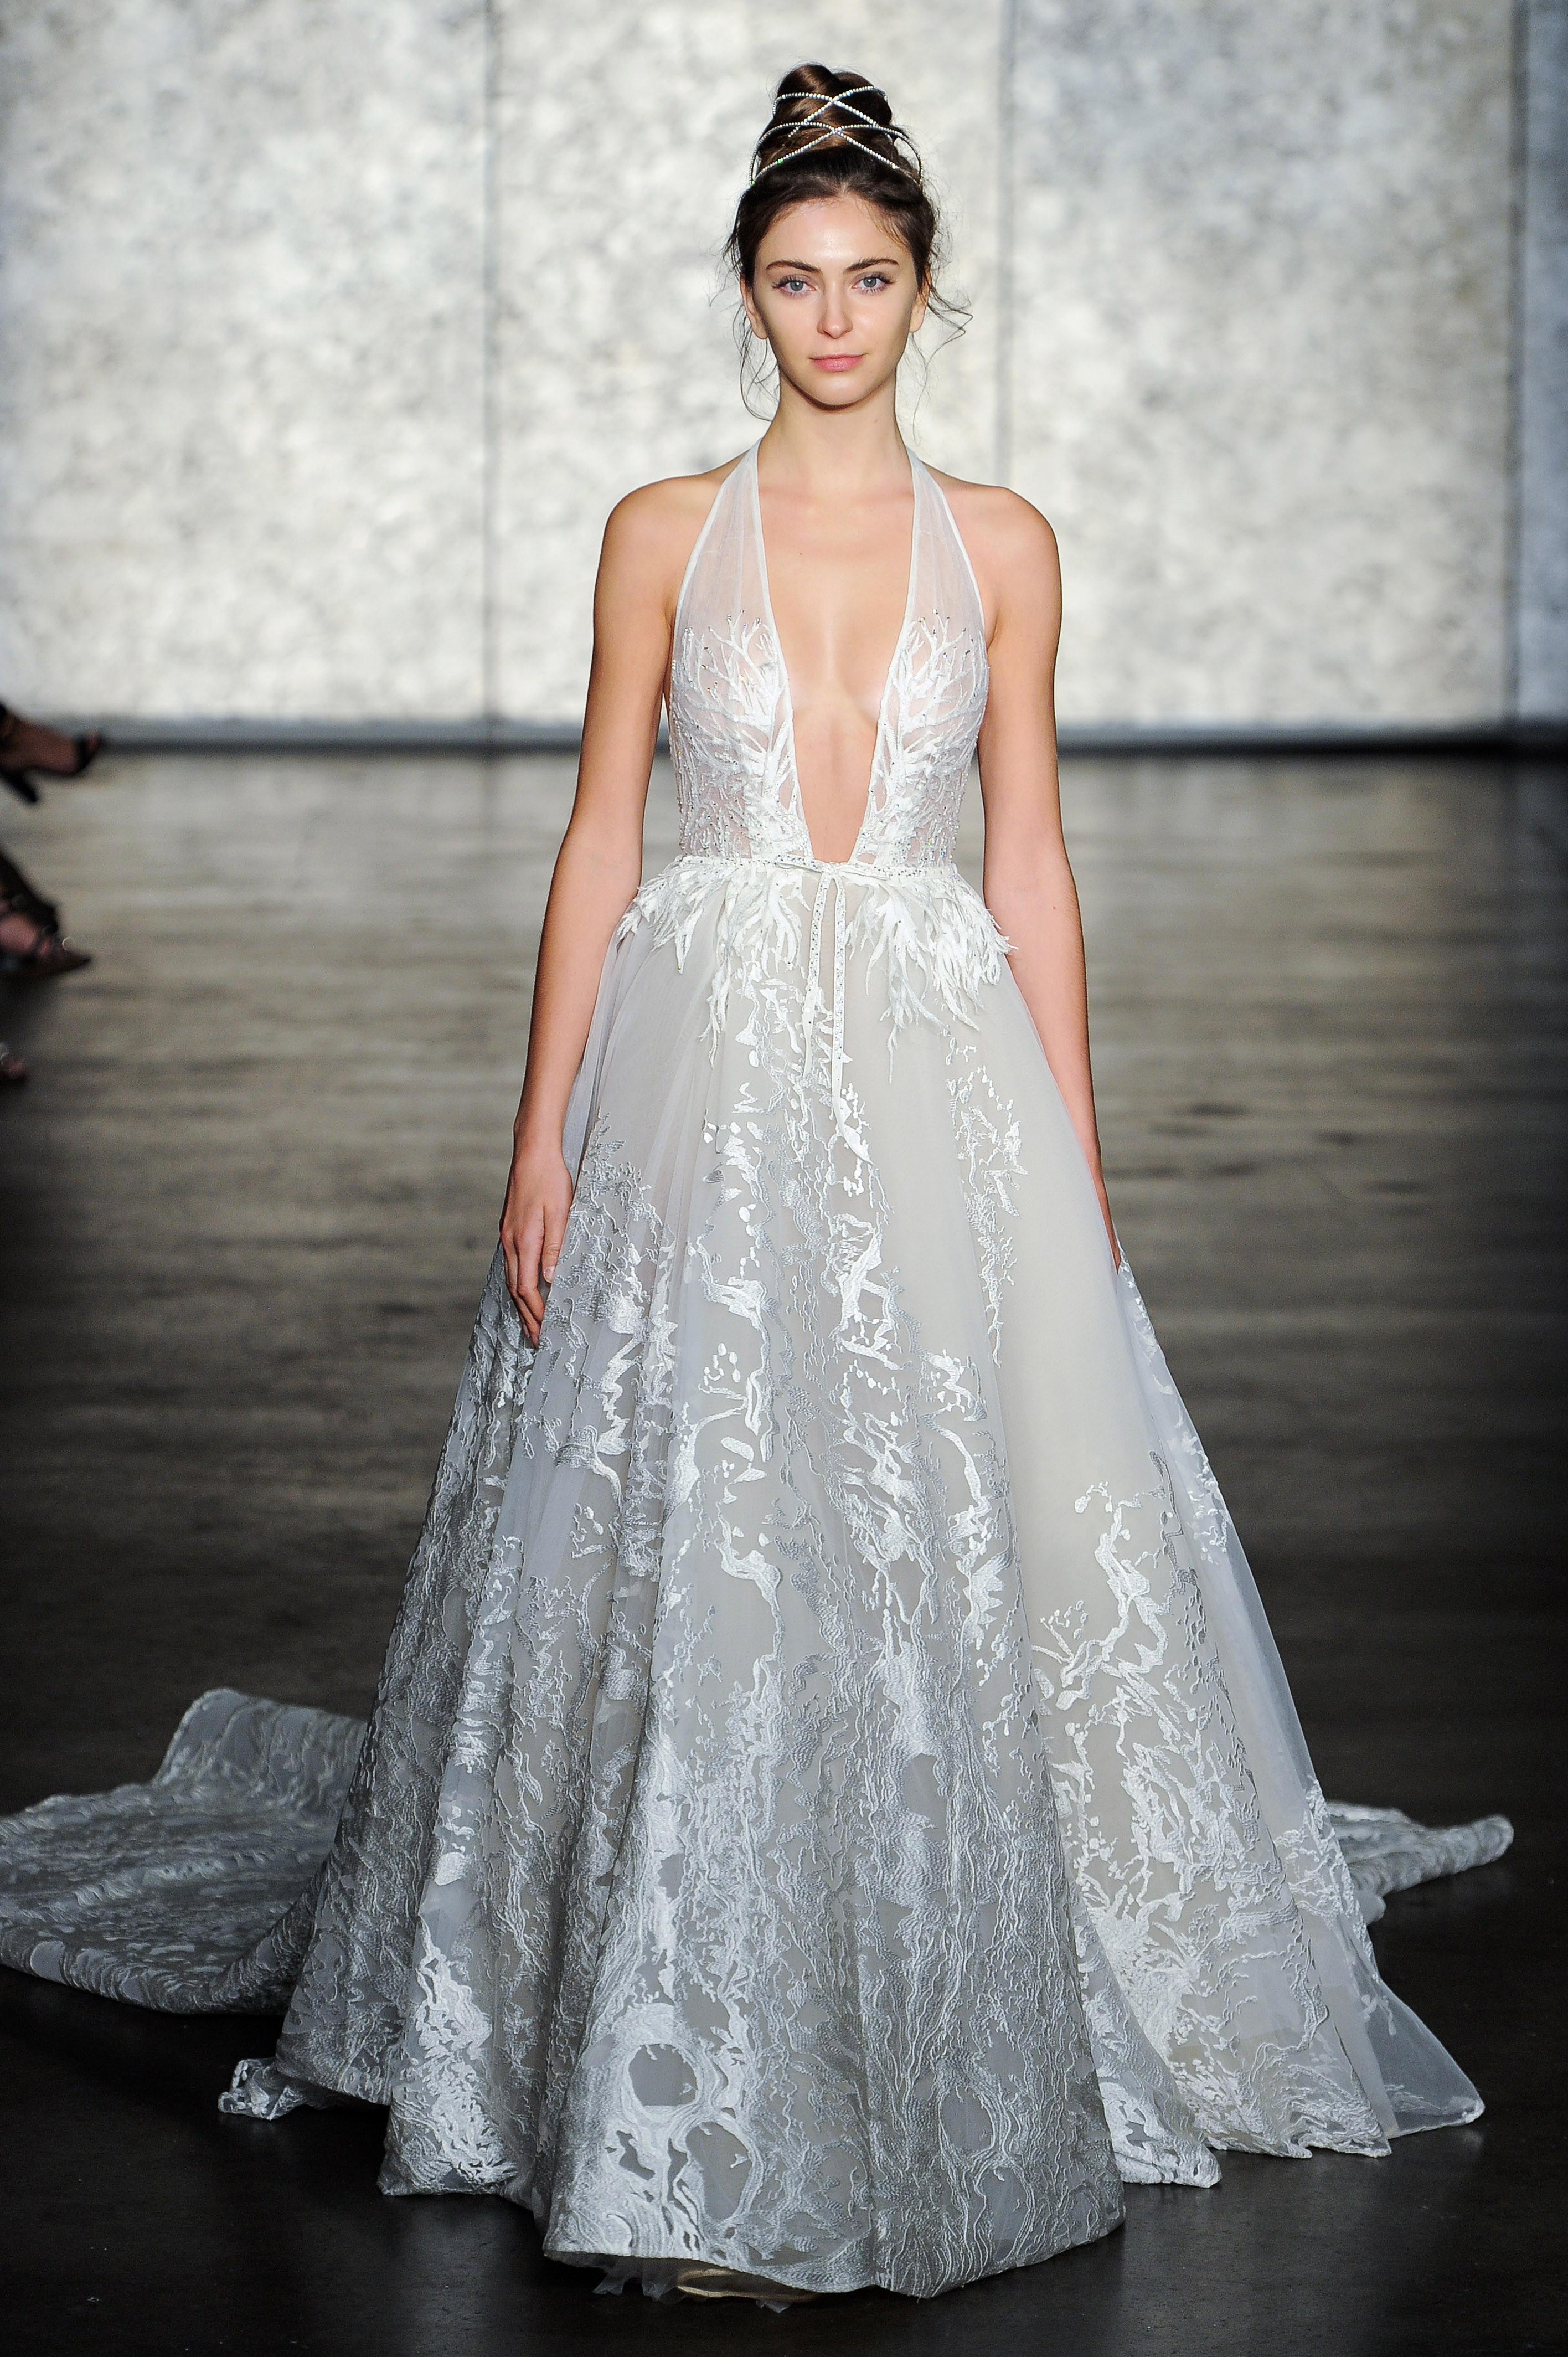 inbal dror fall 2018 v-neck ball gownl wedding dress